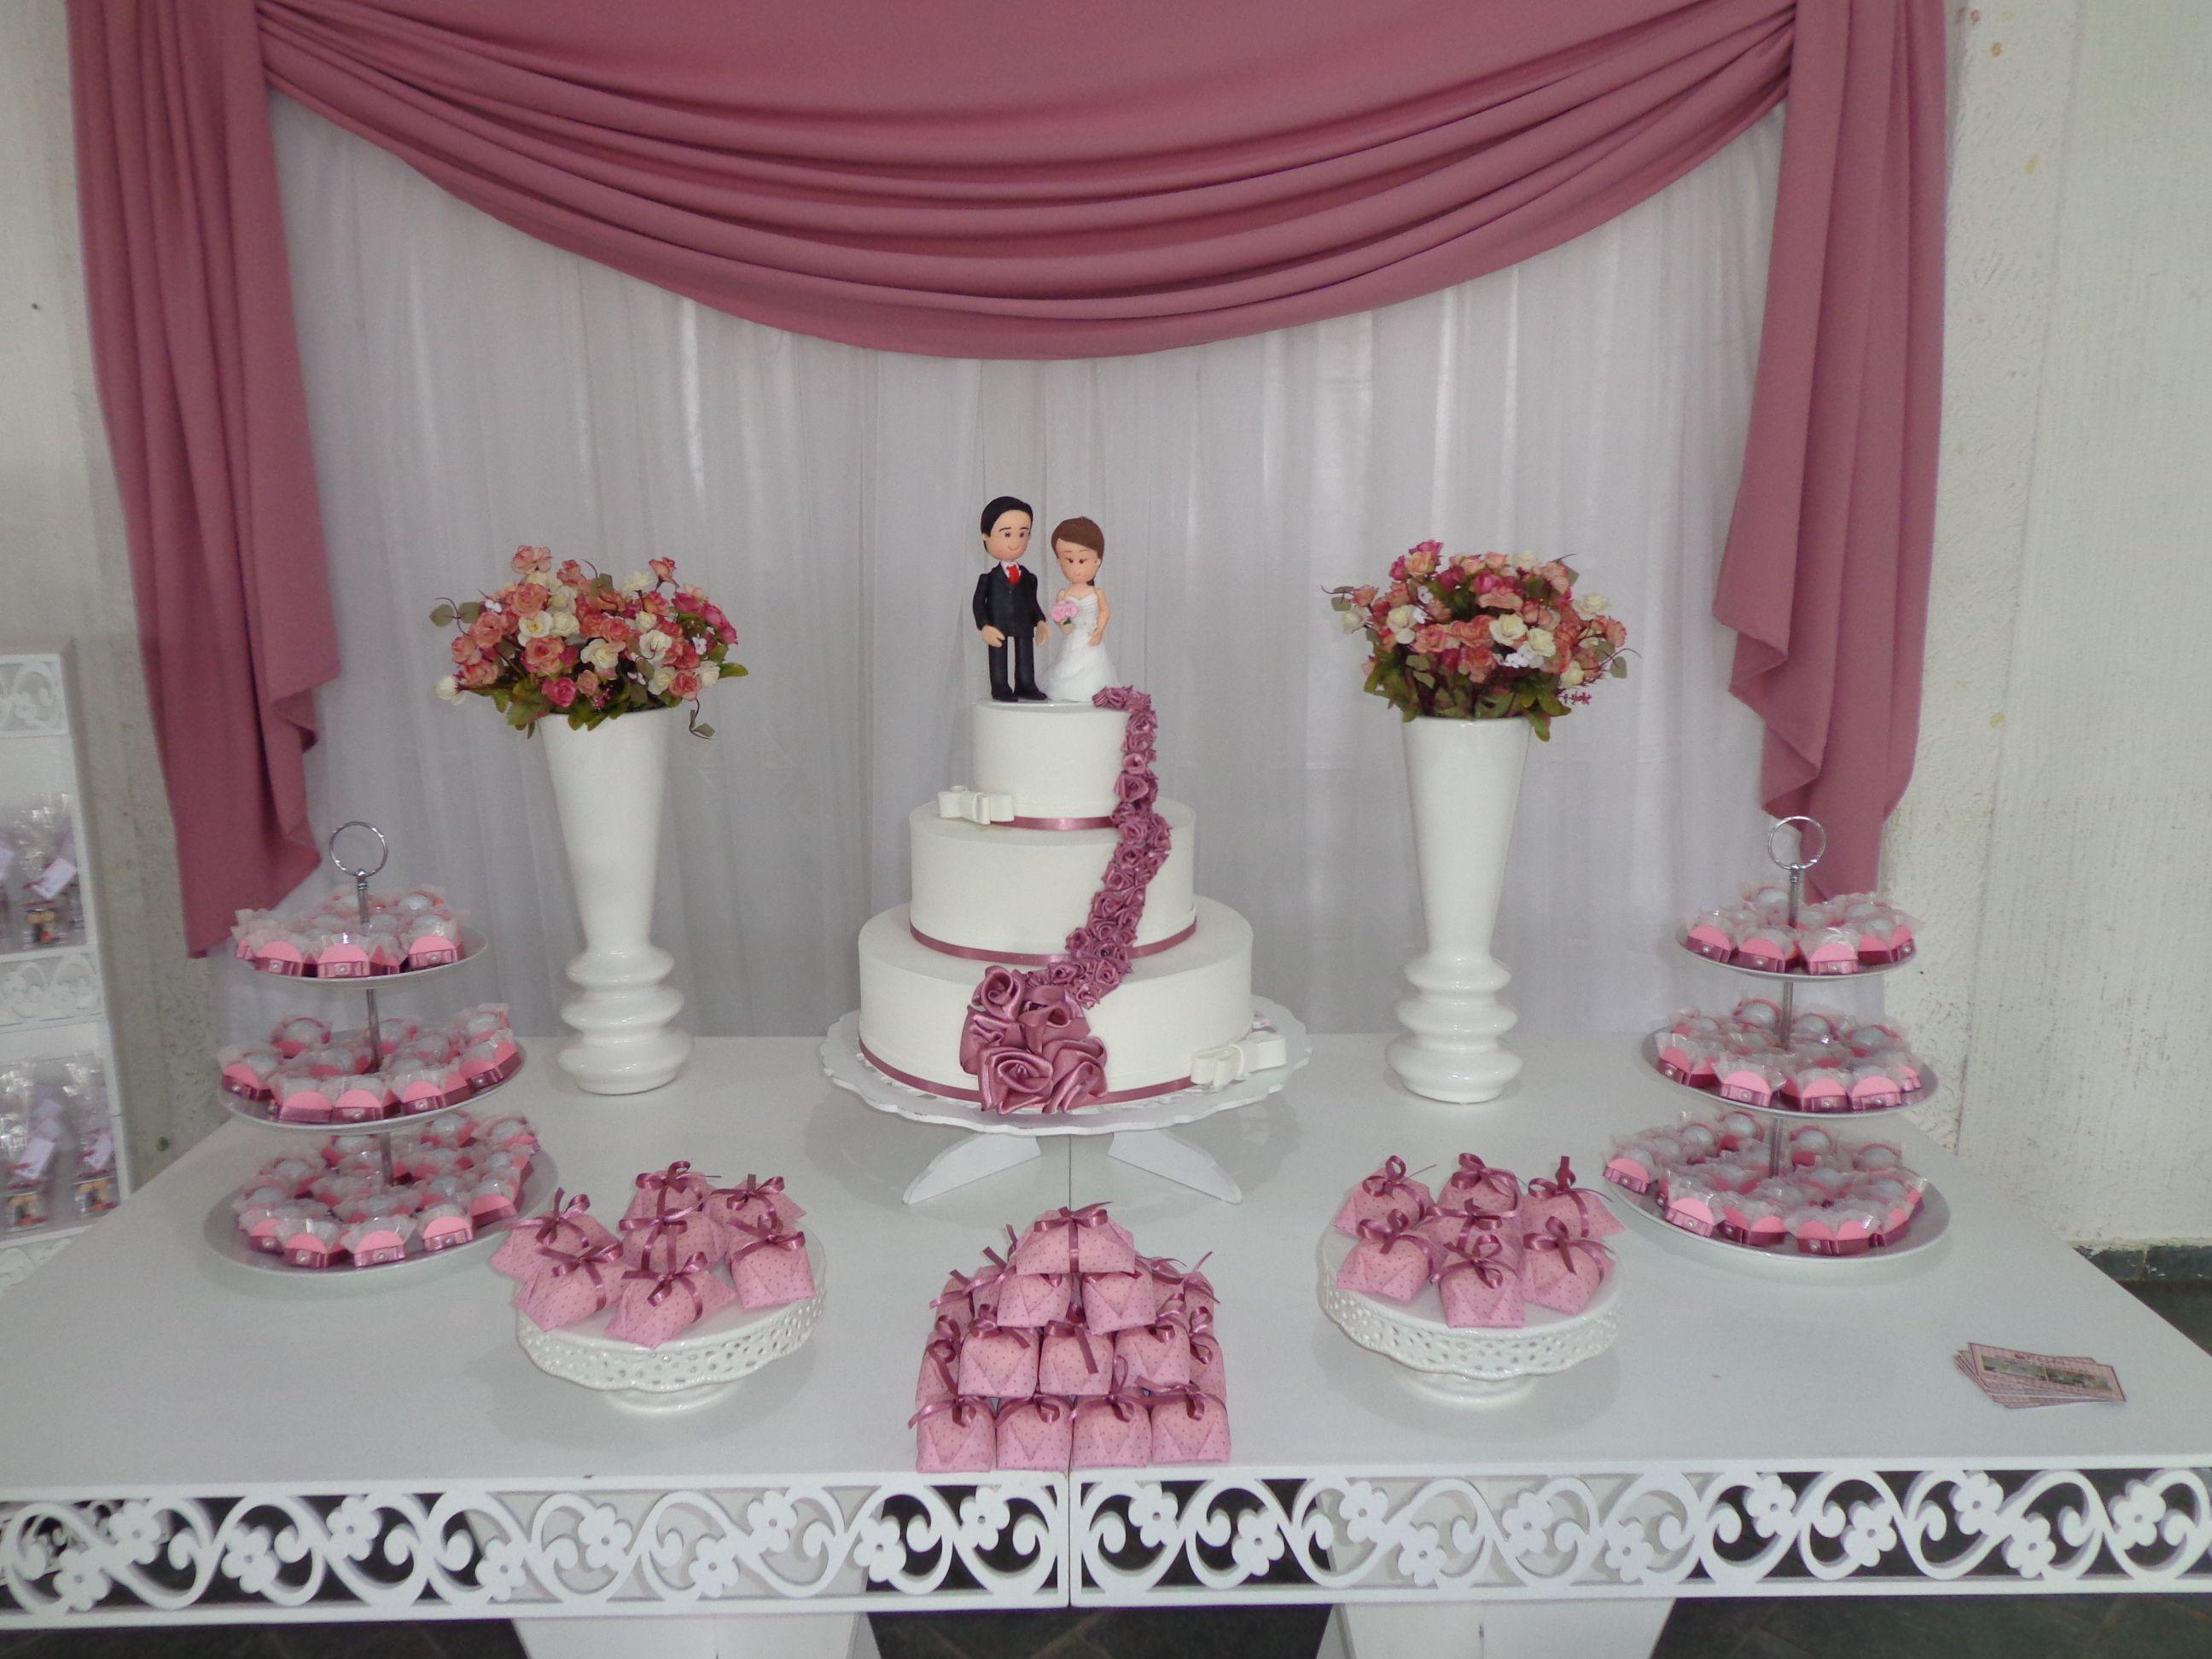 Resultado de imagem para decoraç u00e3o de mesa do bolo de casamento simples e barato rosa e branco  -> Decoração De Mesa Para Casamento Simples E Barato